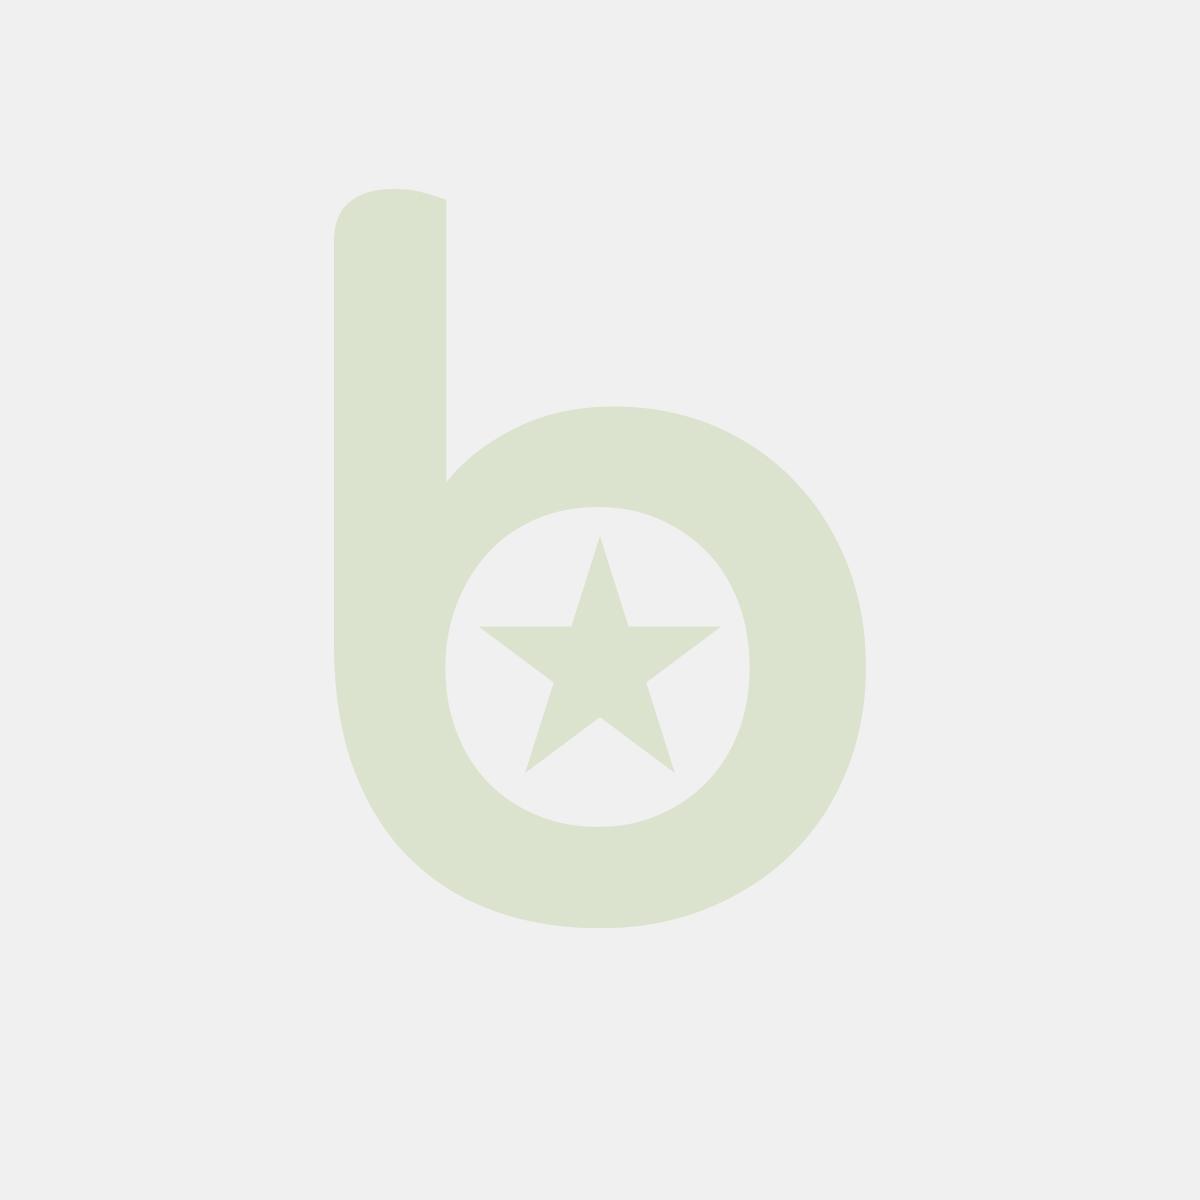 FINGERFOOD - słoik szklany 150ml z zamknięciem fi 6,5 x h 9 cm